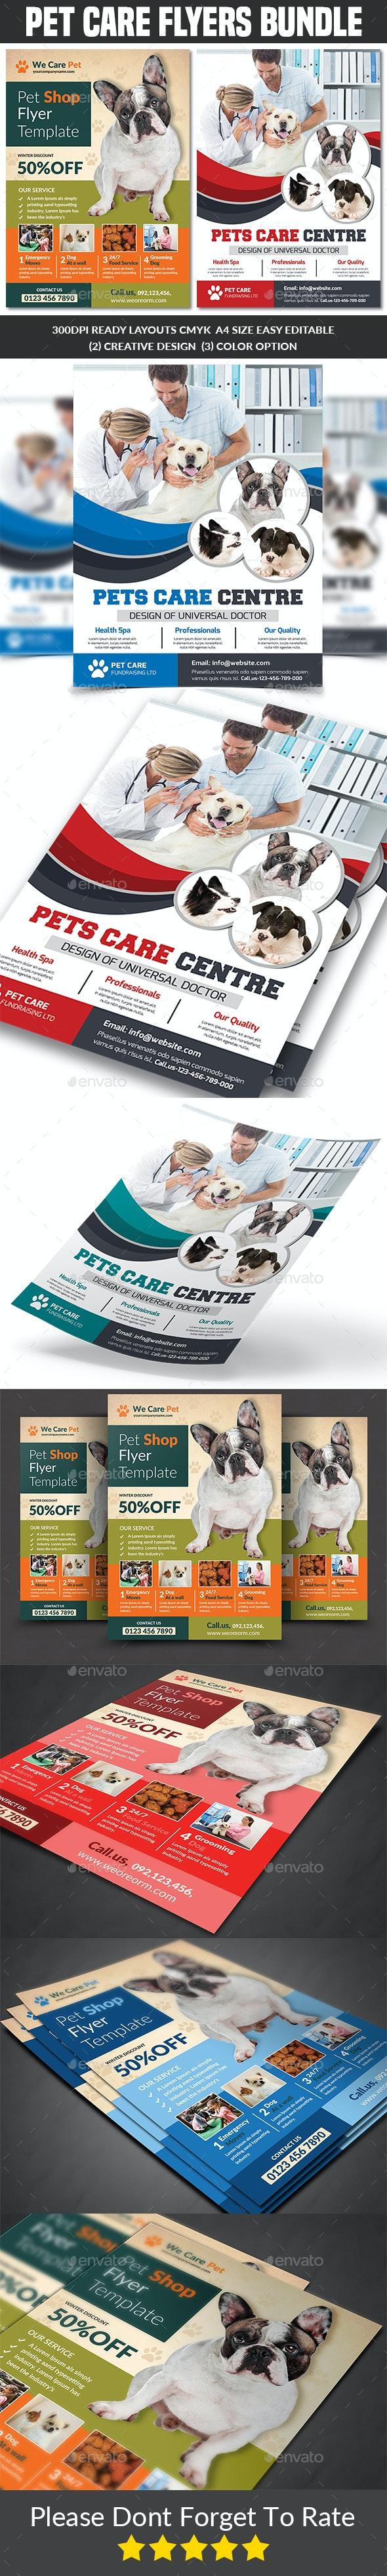 Pet Care Flyers Bundle - Commerce Flyers